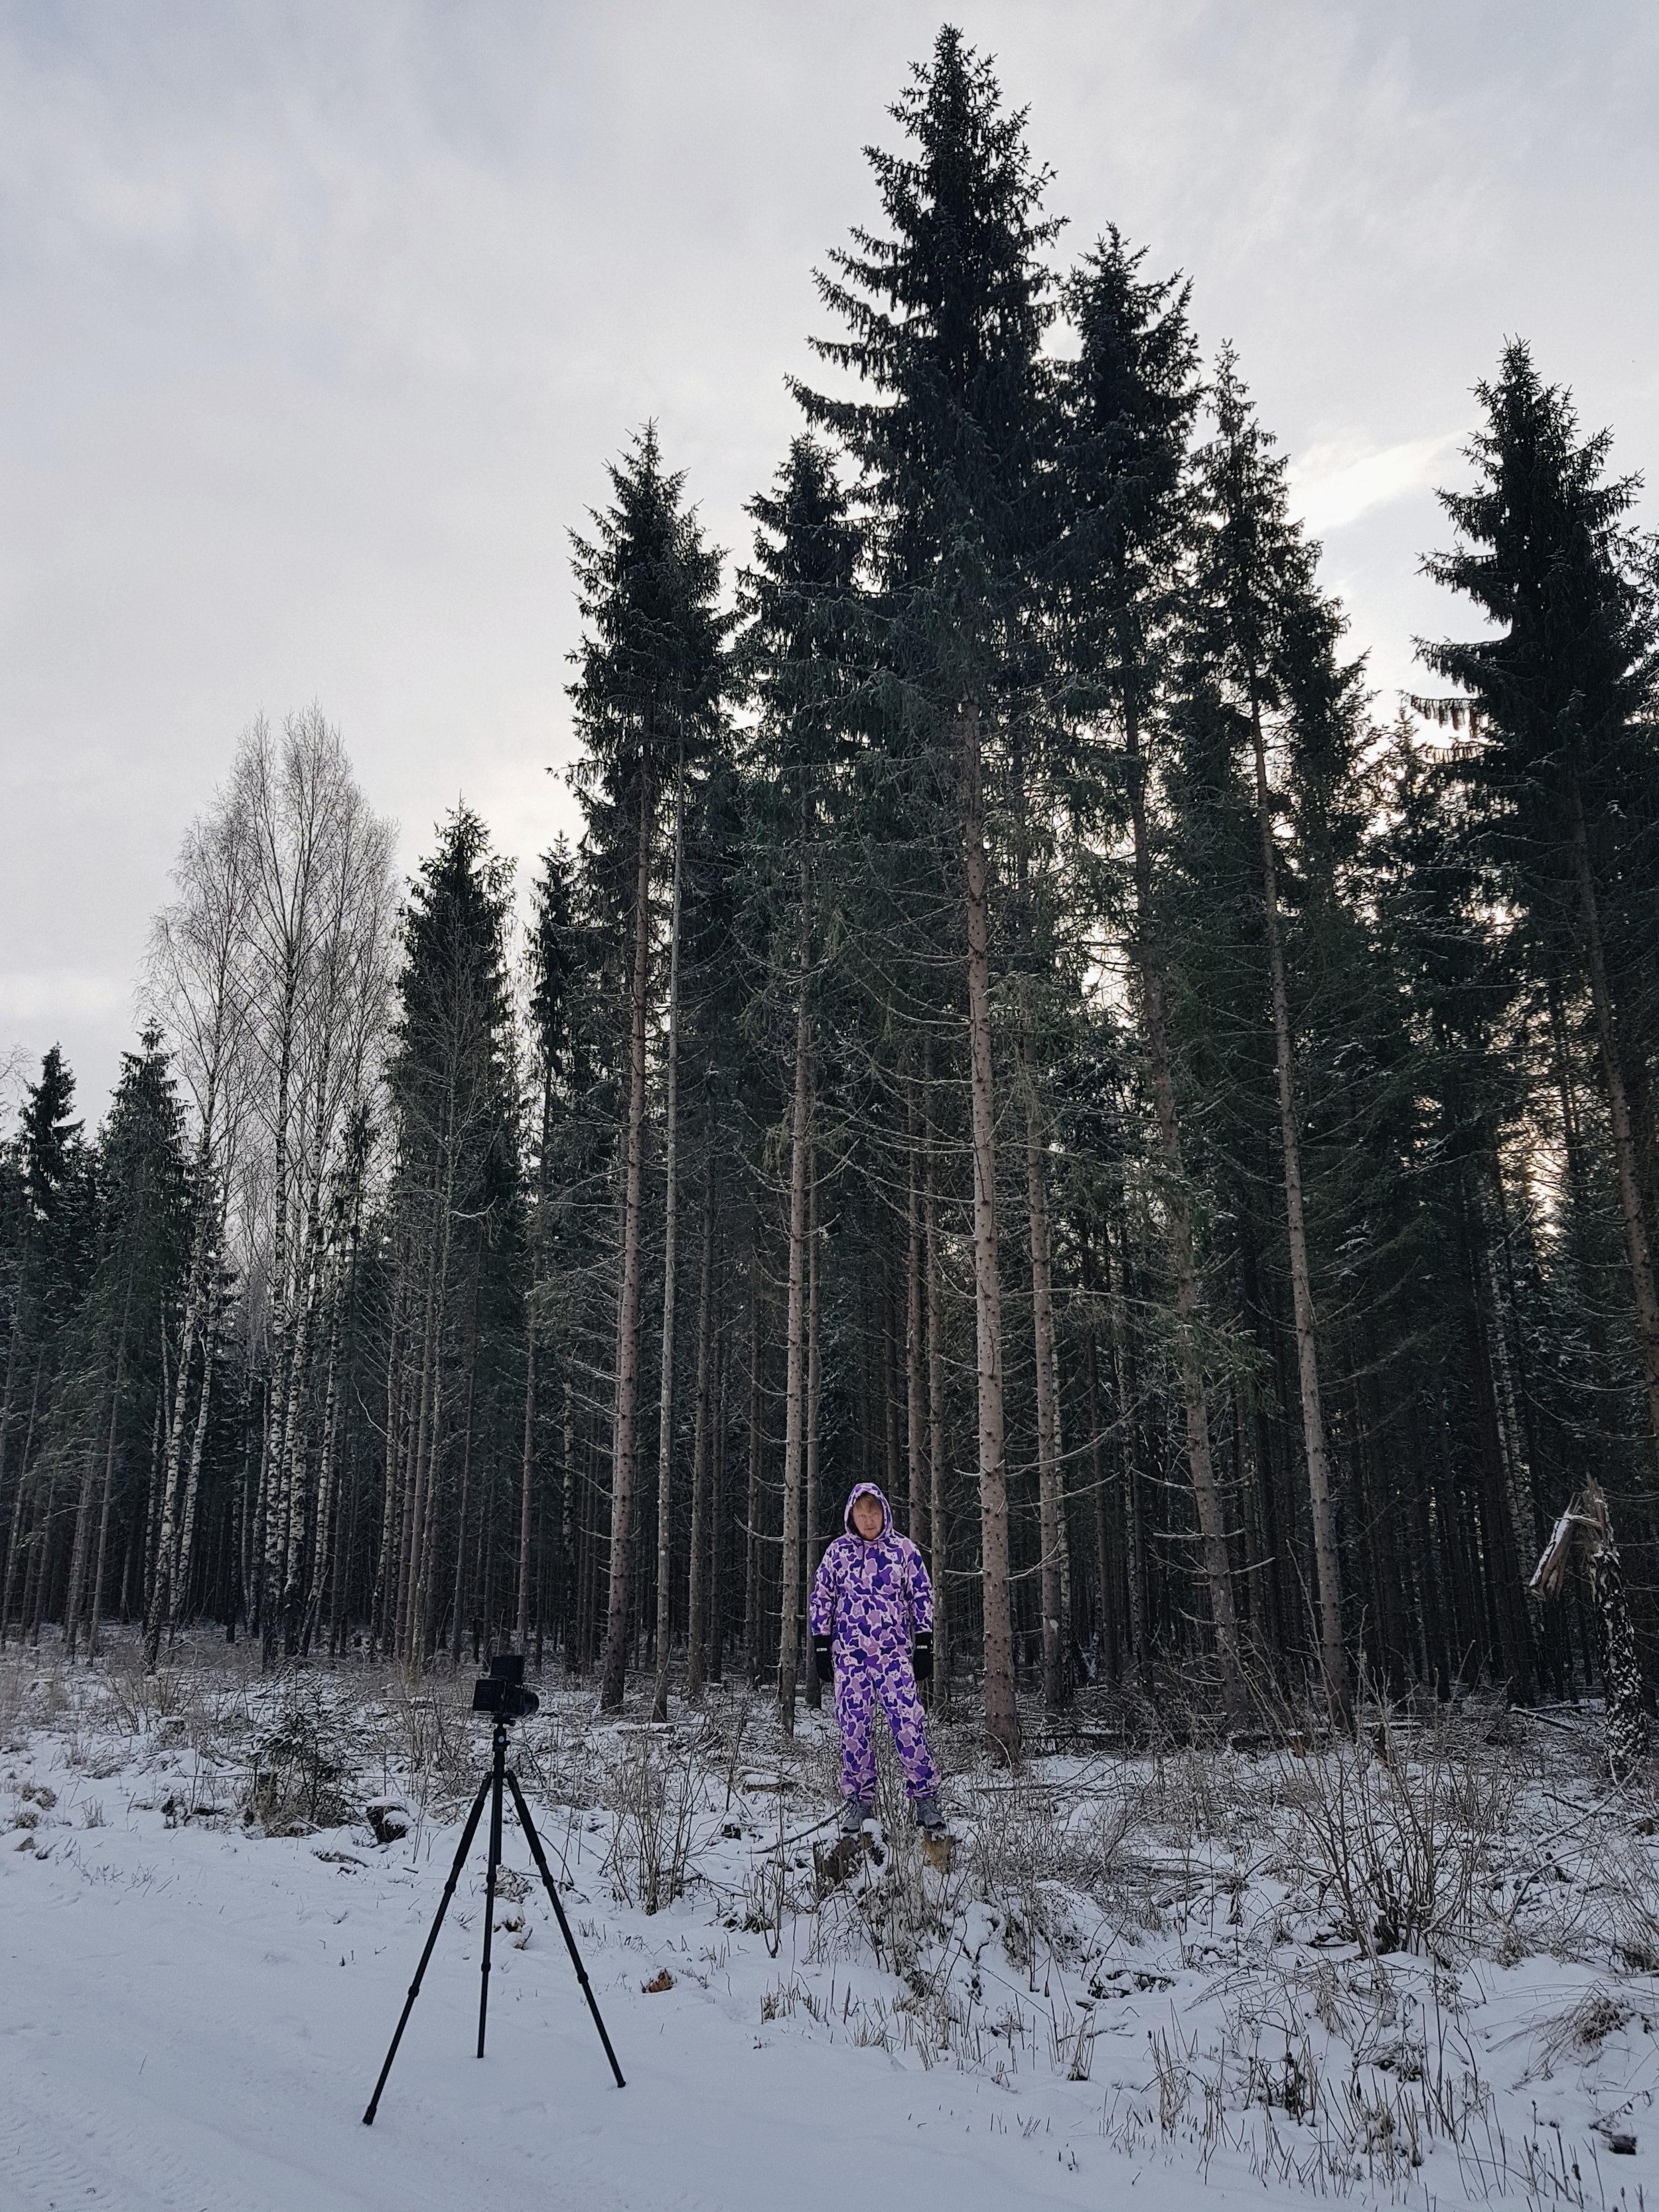 2018-01-22 03.16.41 1.jpg